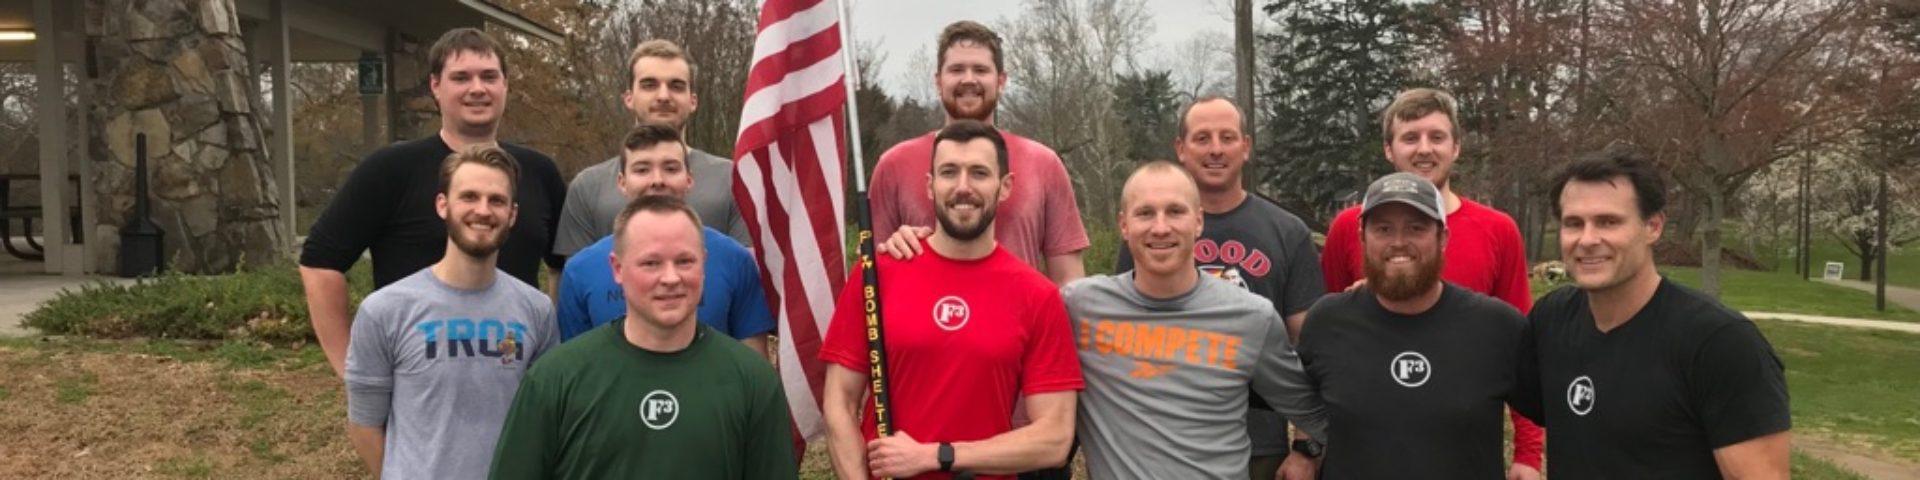 F3 Knoxville Fitness Fellowship Faith